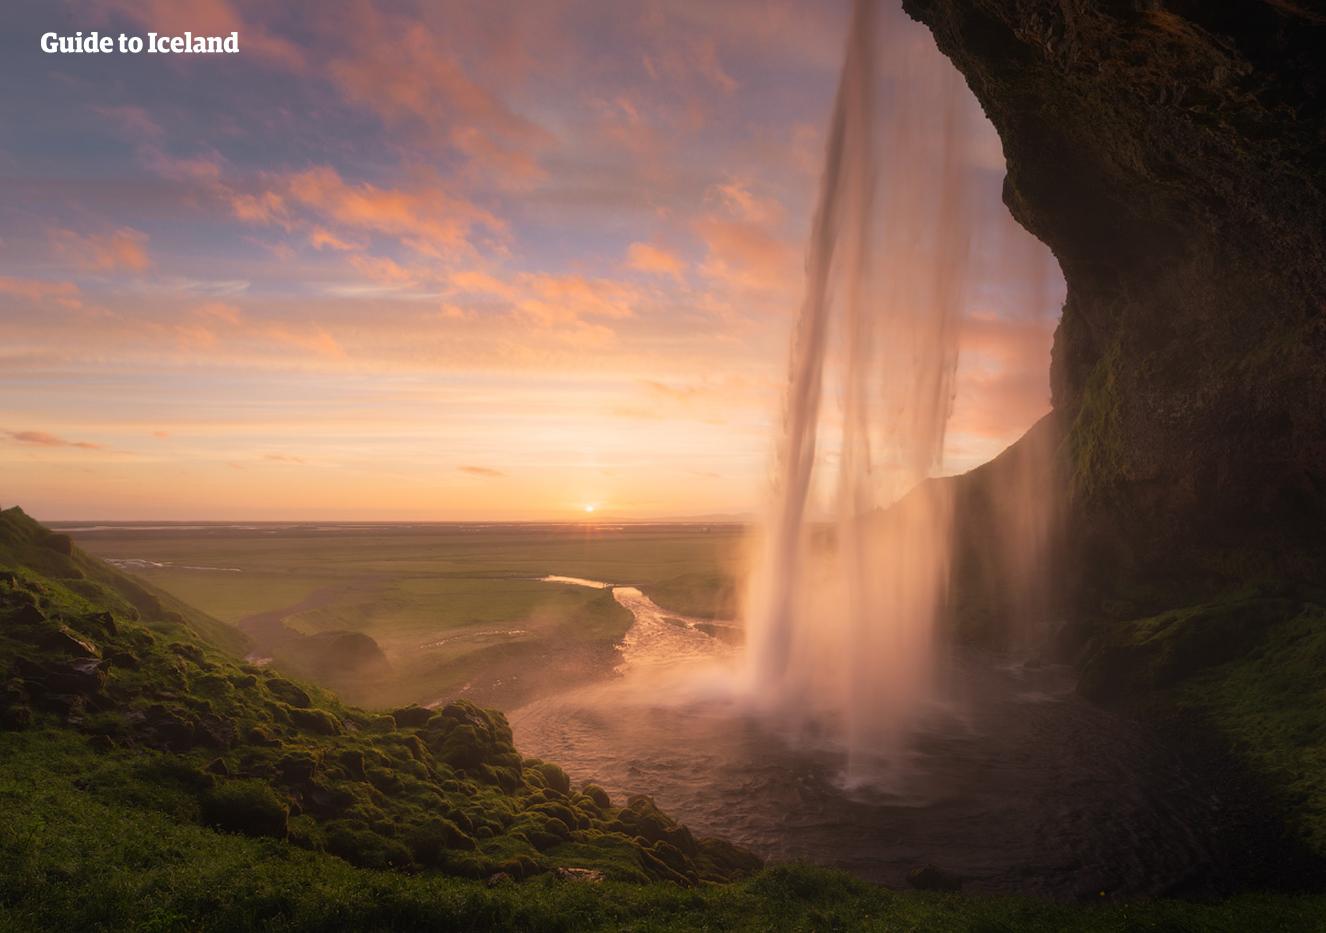 Autotour de 7 jours | La Route circulaire d'Islande - day 5